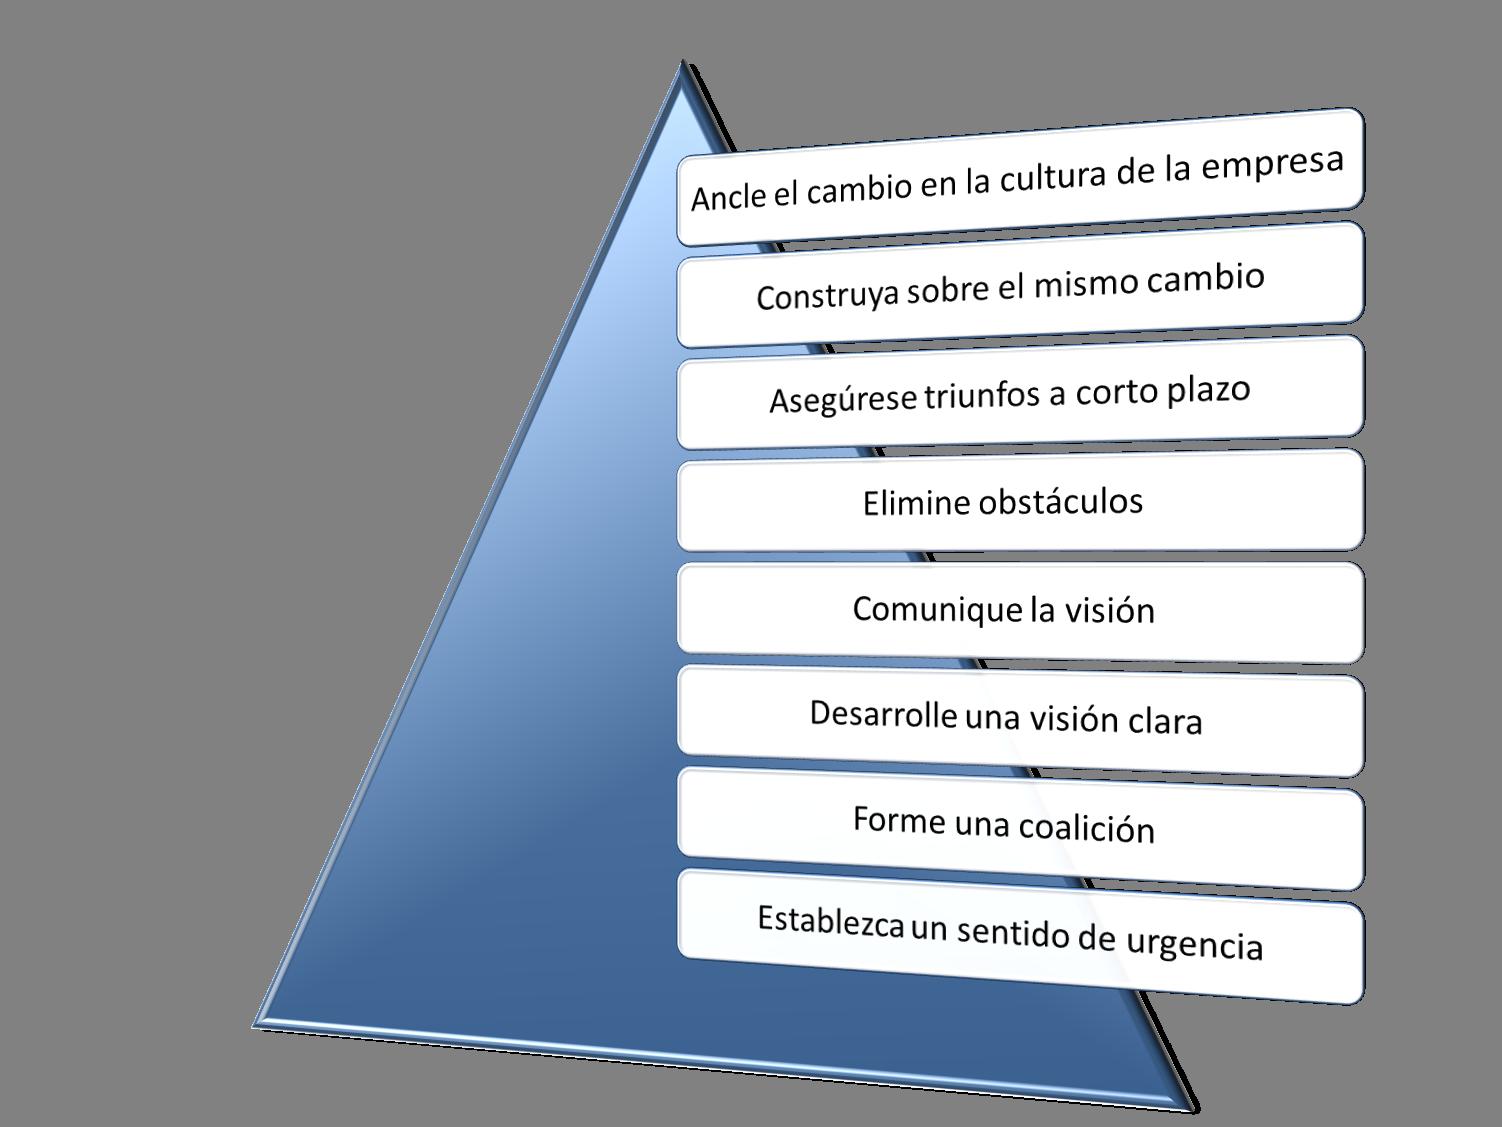 Modelo de Kotter de gestión del cambio en 8 pasos - Paperblog